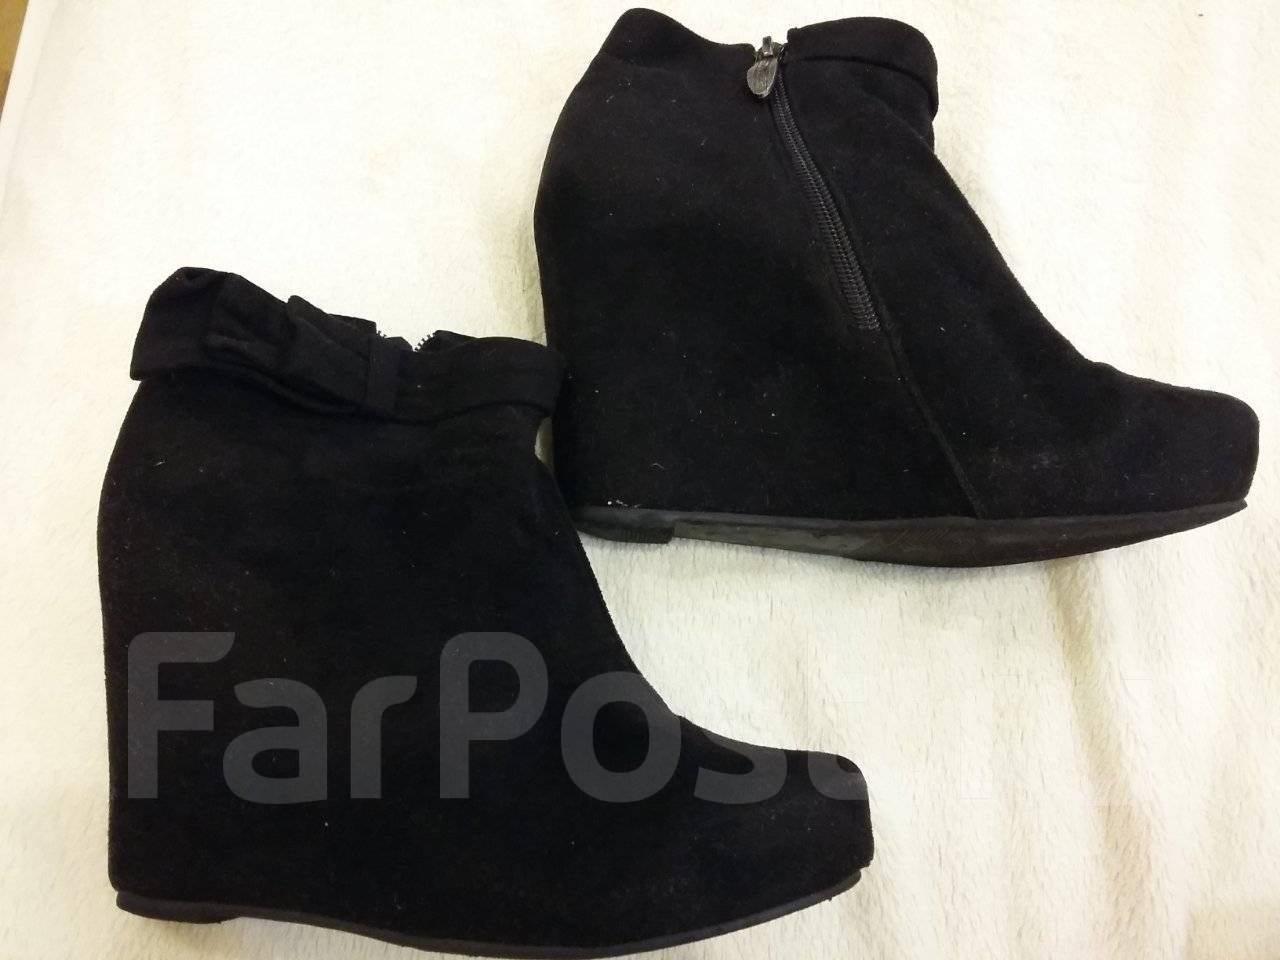 f16dc2f57 Замки женская обувь, 40, демисезон во Владивостоке